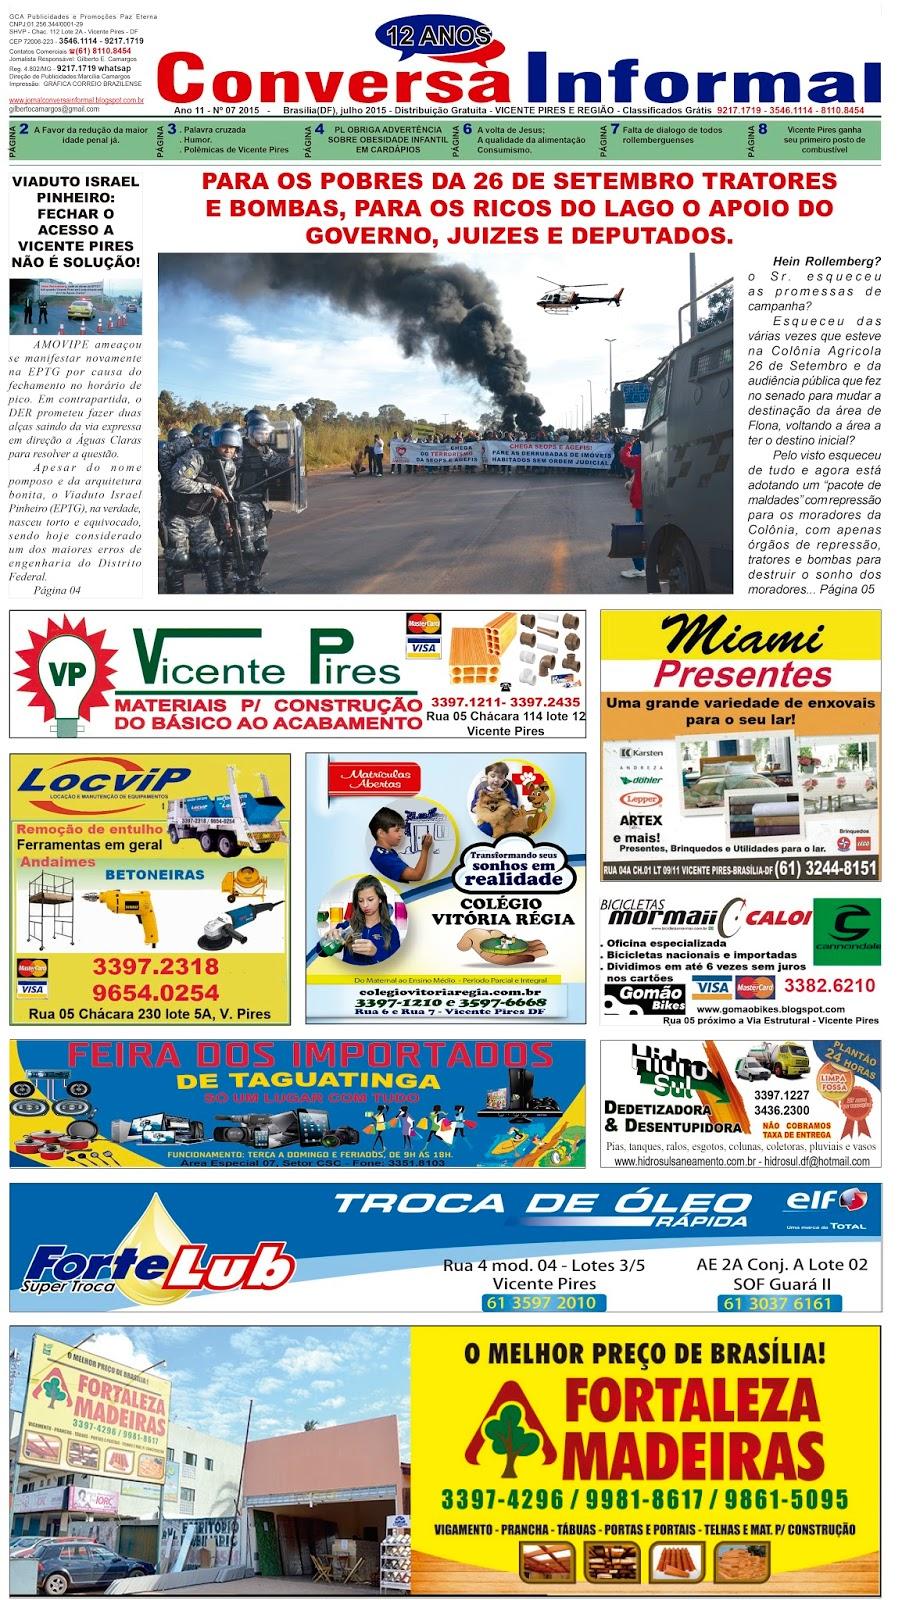 Jornal - Edição junho 2015